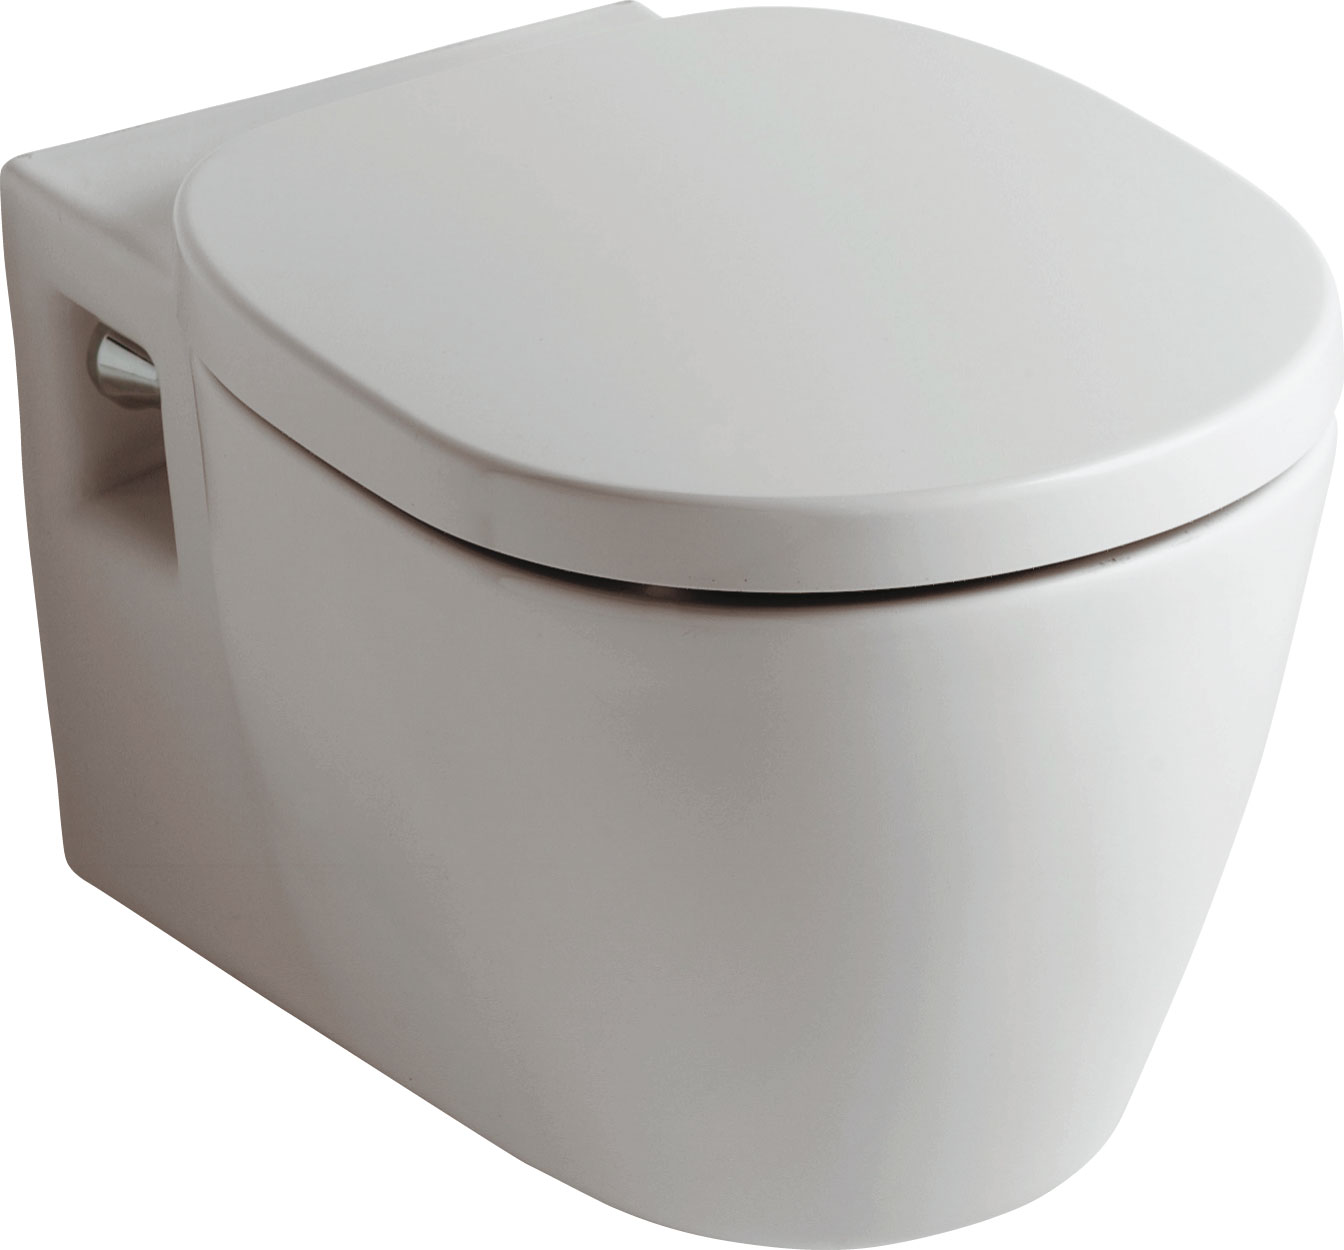 Mischbatterie Dusche Ideal Standard : Ideal Standard Connect Tiefsp?ler